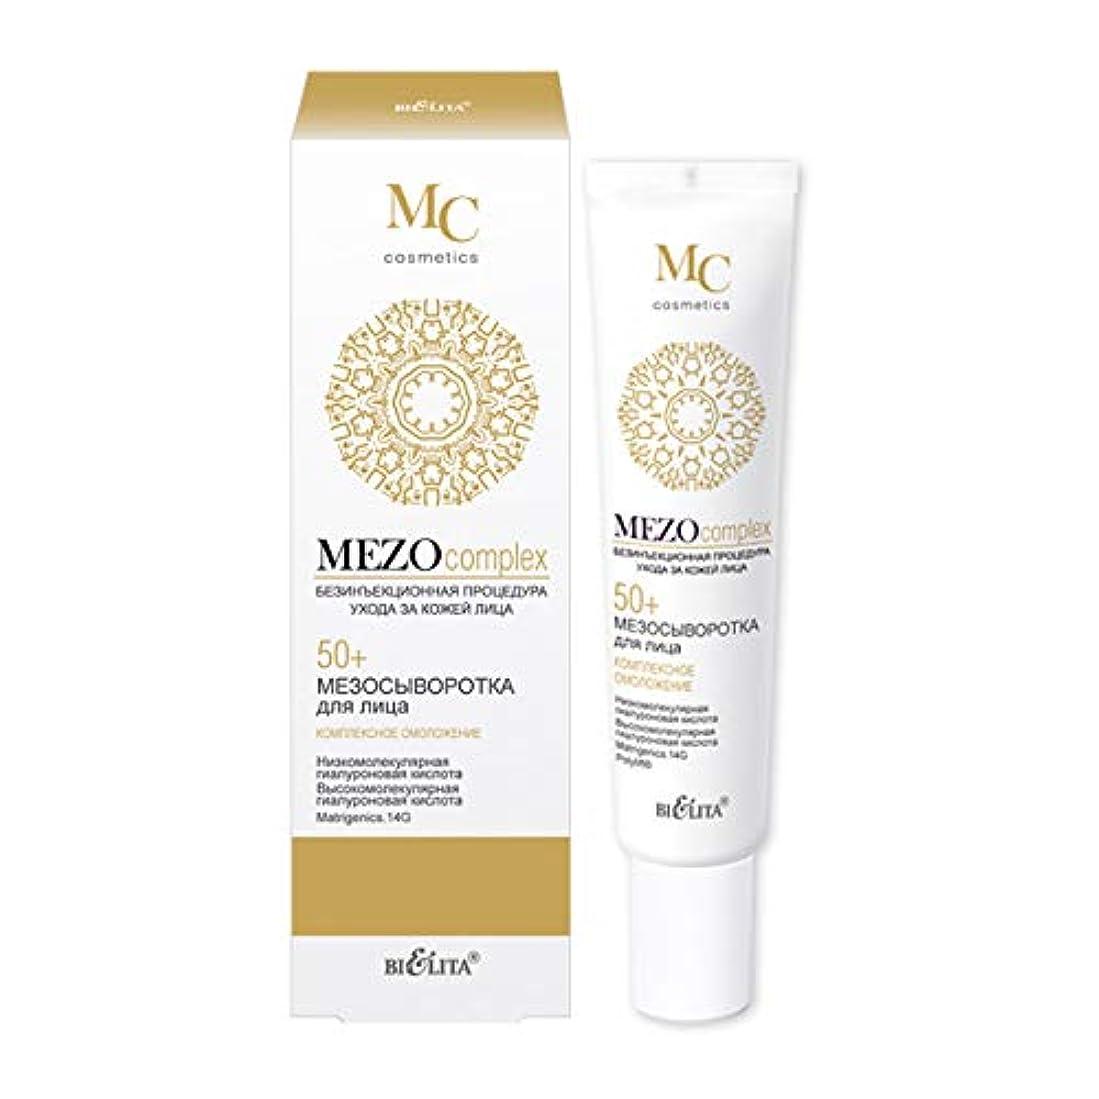 おっとリラックスピアースMezo complex | Mezo Serum Complex 50+ | Non-injection facial skin care procedure | Hyaluronic acid | Matrigenics.14G | Polylift | Active formula | 20 ml